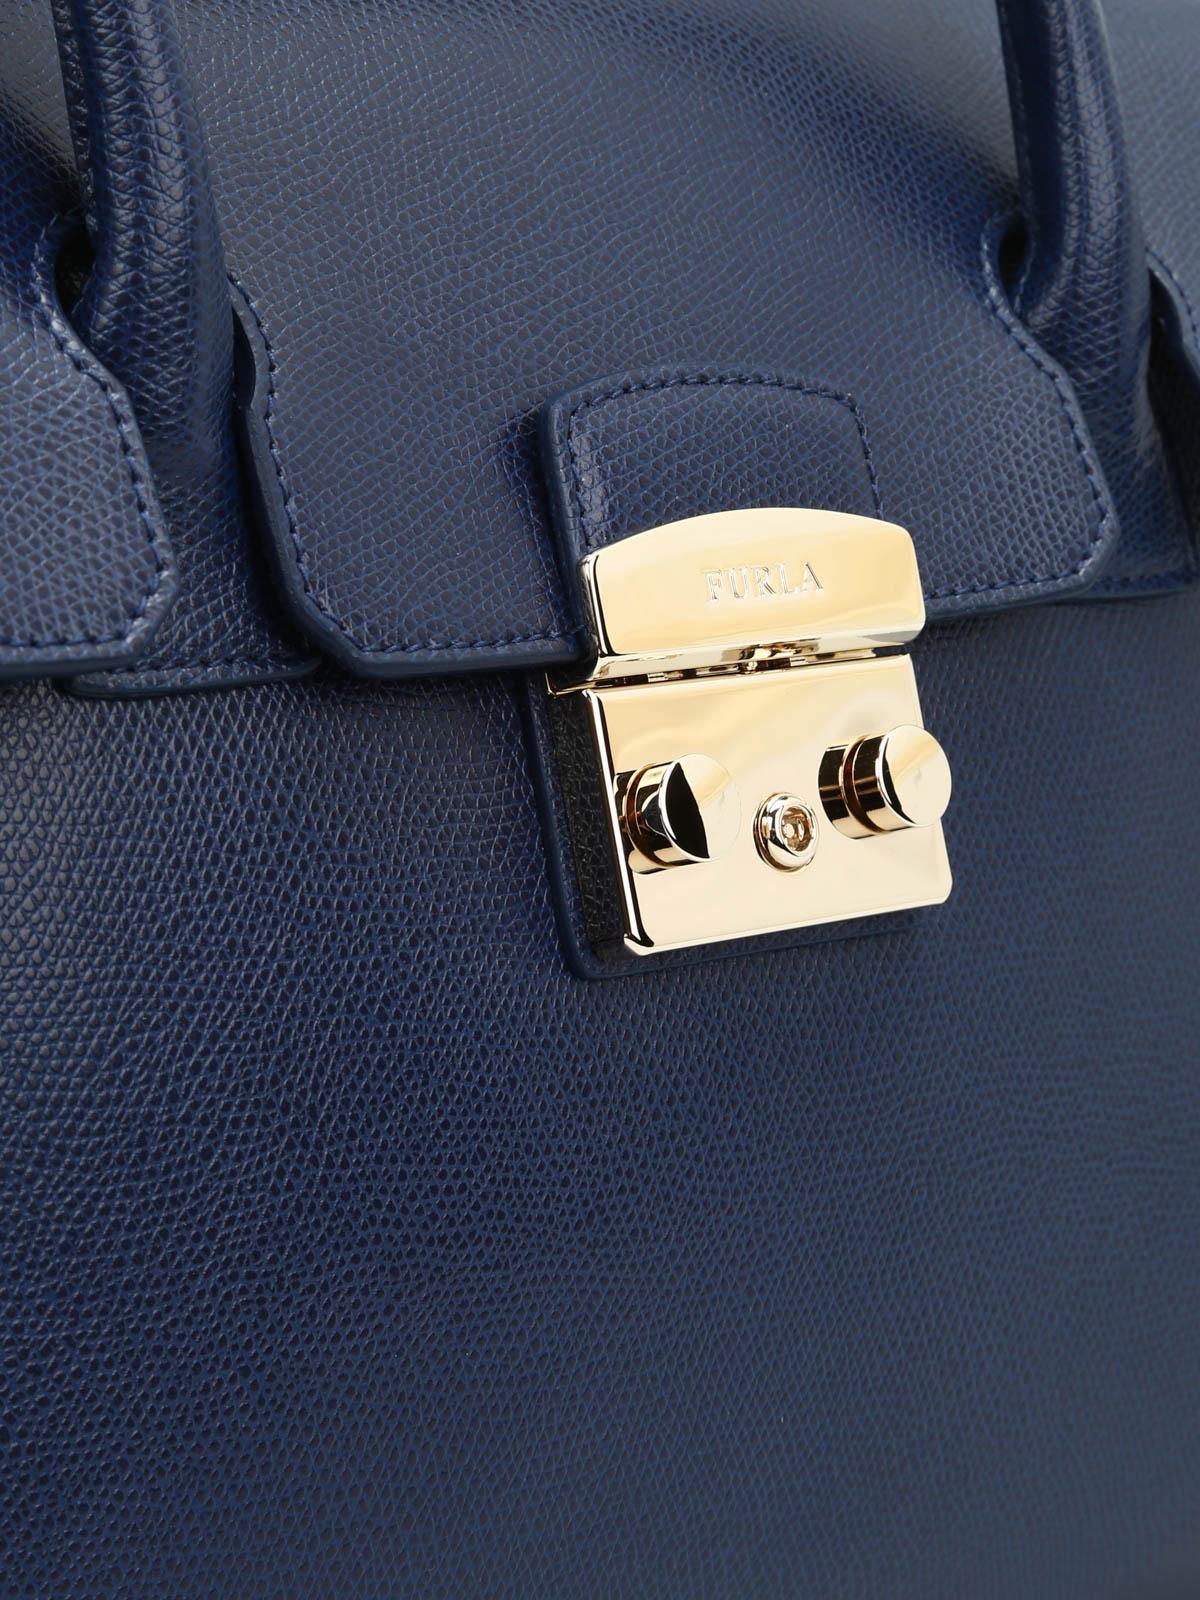 9110c39261 Furla - Metropolis shoulder bag - shoulder bags - 808325 B BGJA ARE ...